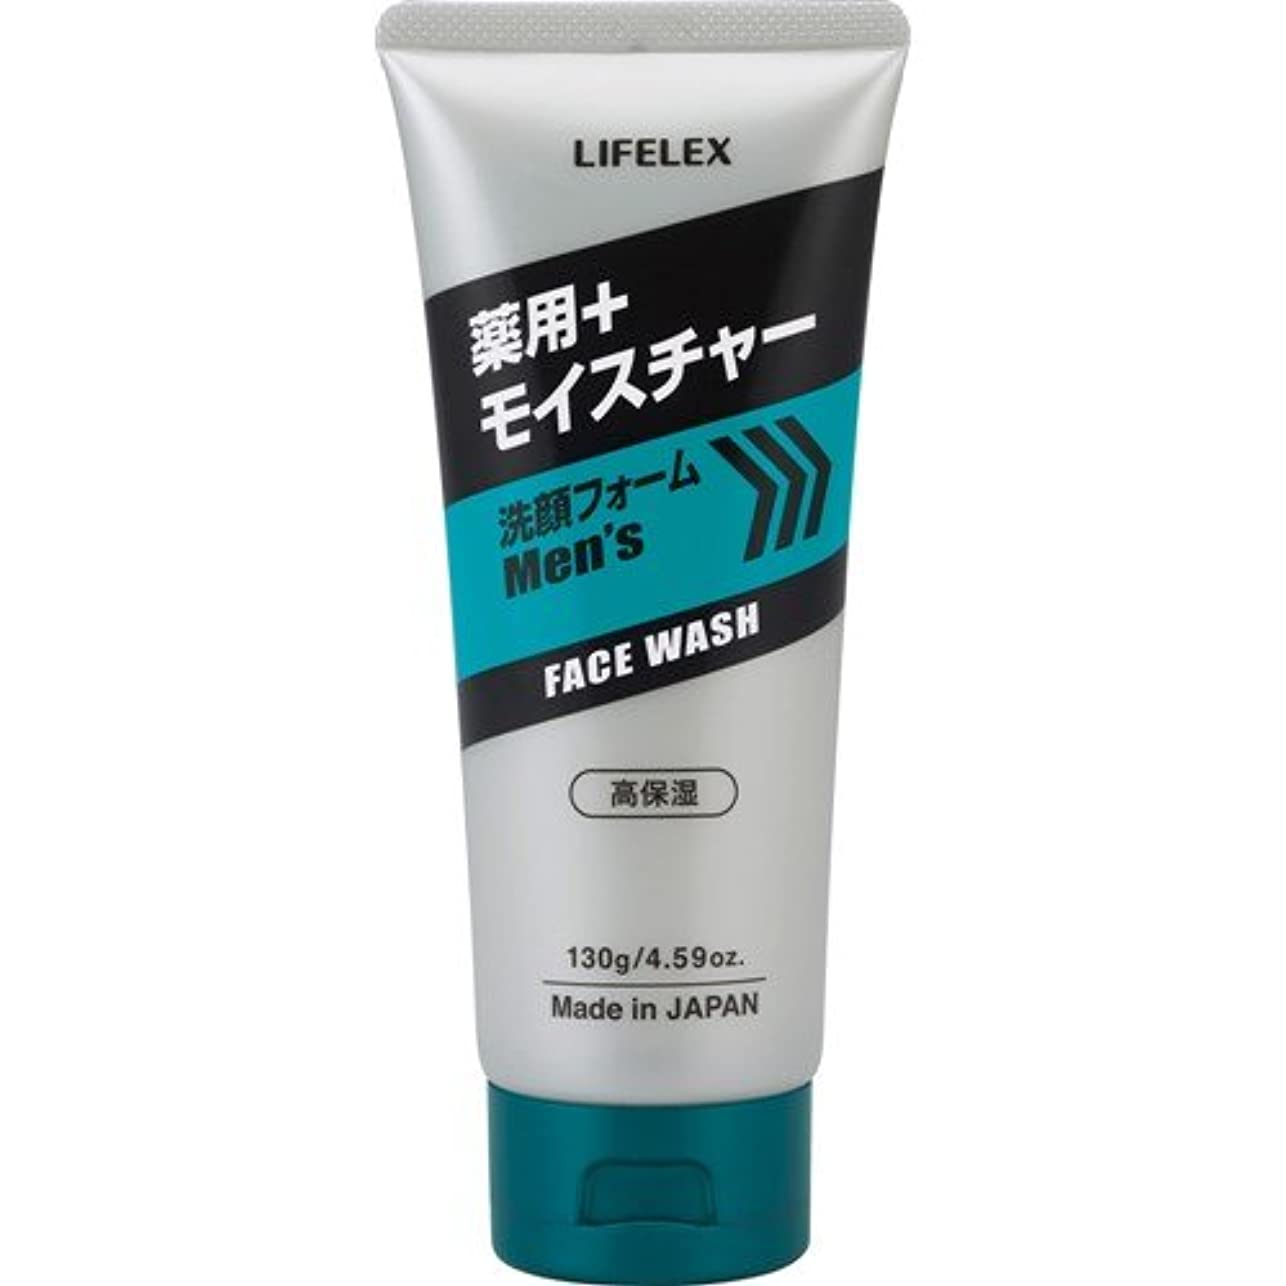 やがて抽象修正するコーナンオリジナル メンズ薬用モイスチャ洗顔フォーム 130g